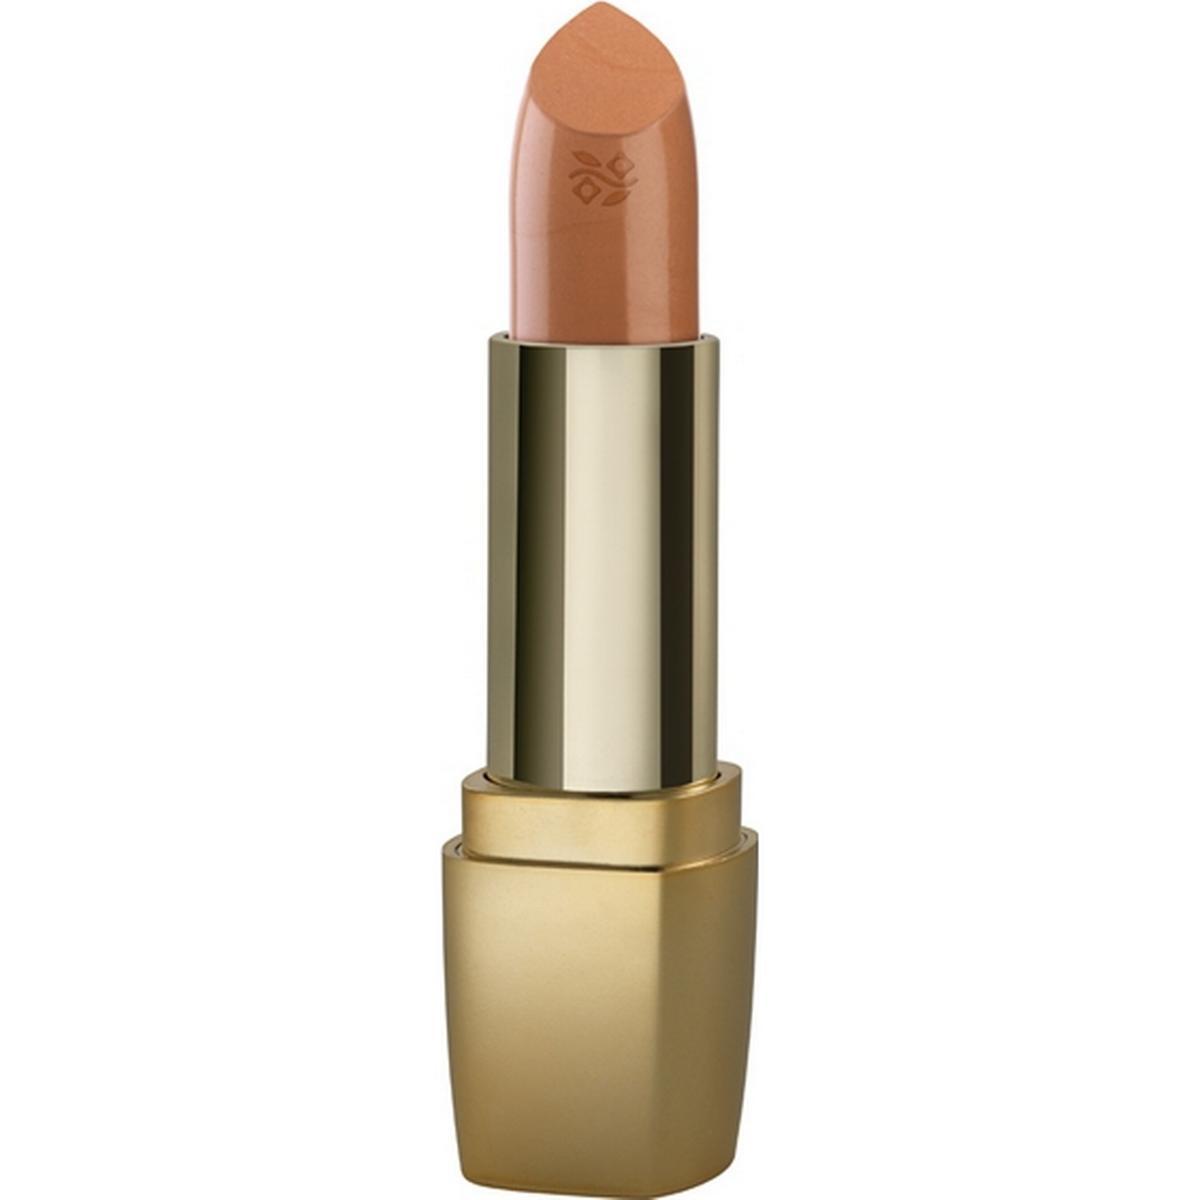 ac7971a6106 Deborah Milano Läppstift - Jämför priser på lipstick PriceRunner